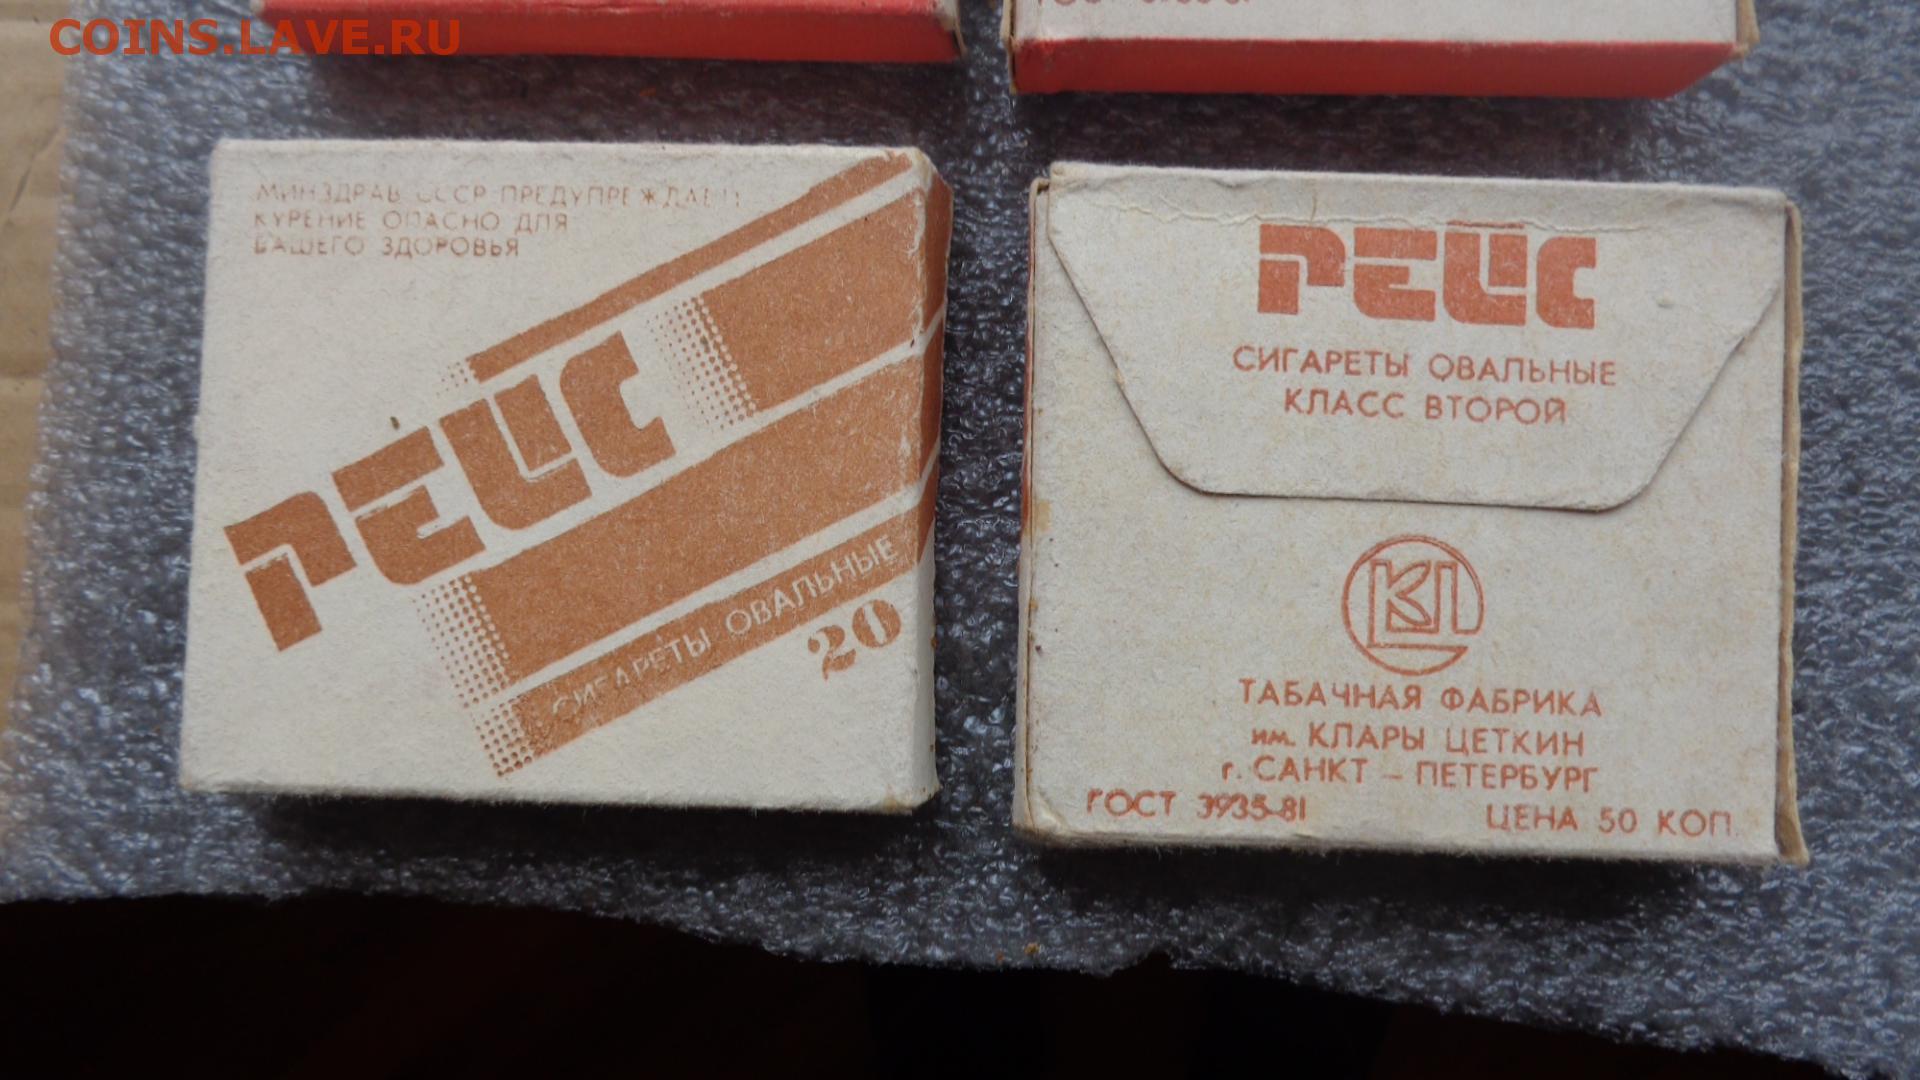 Старые сигареты купить спб купить сигареты прима без фильтра в москве розницу